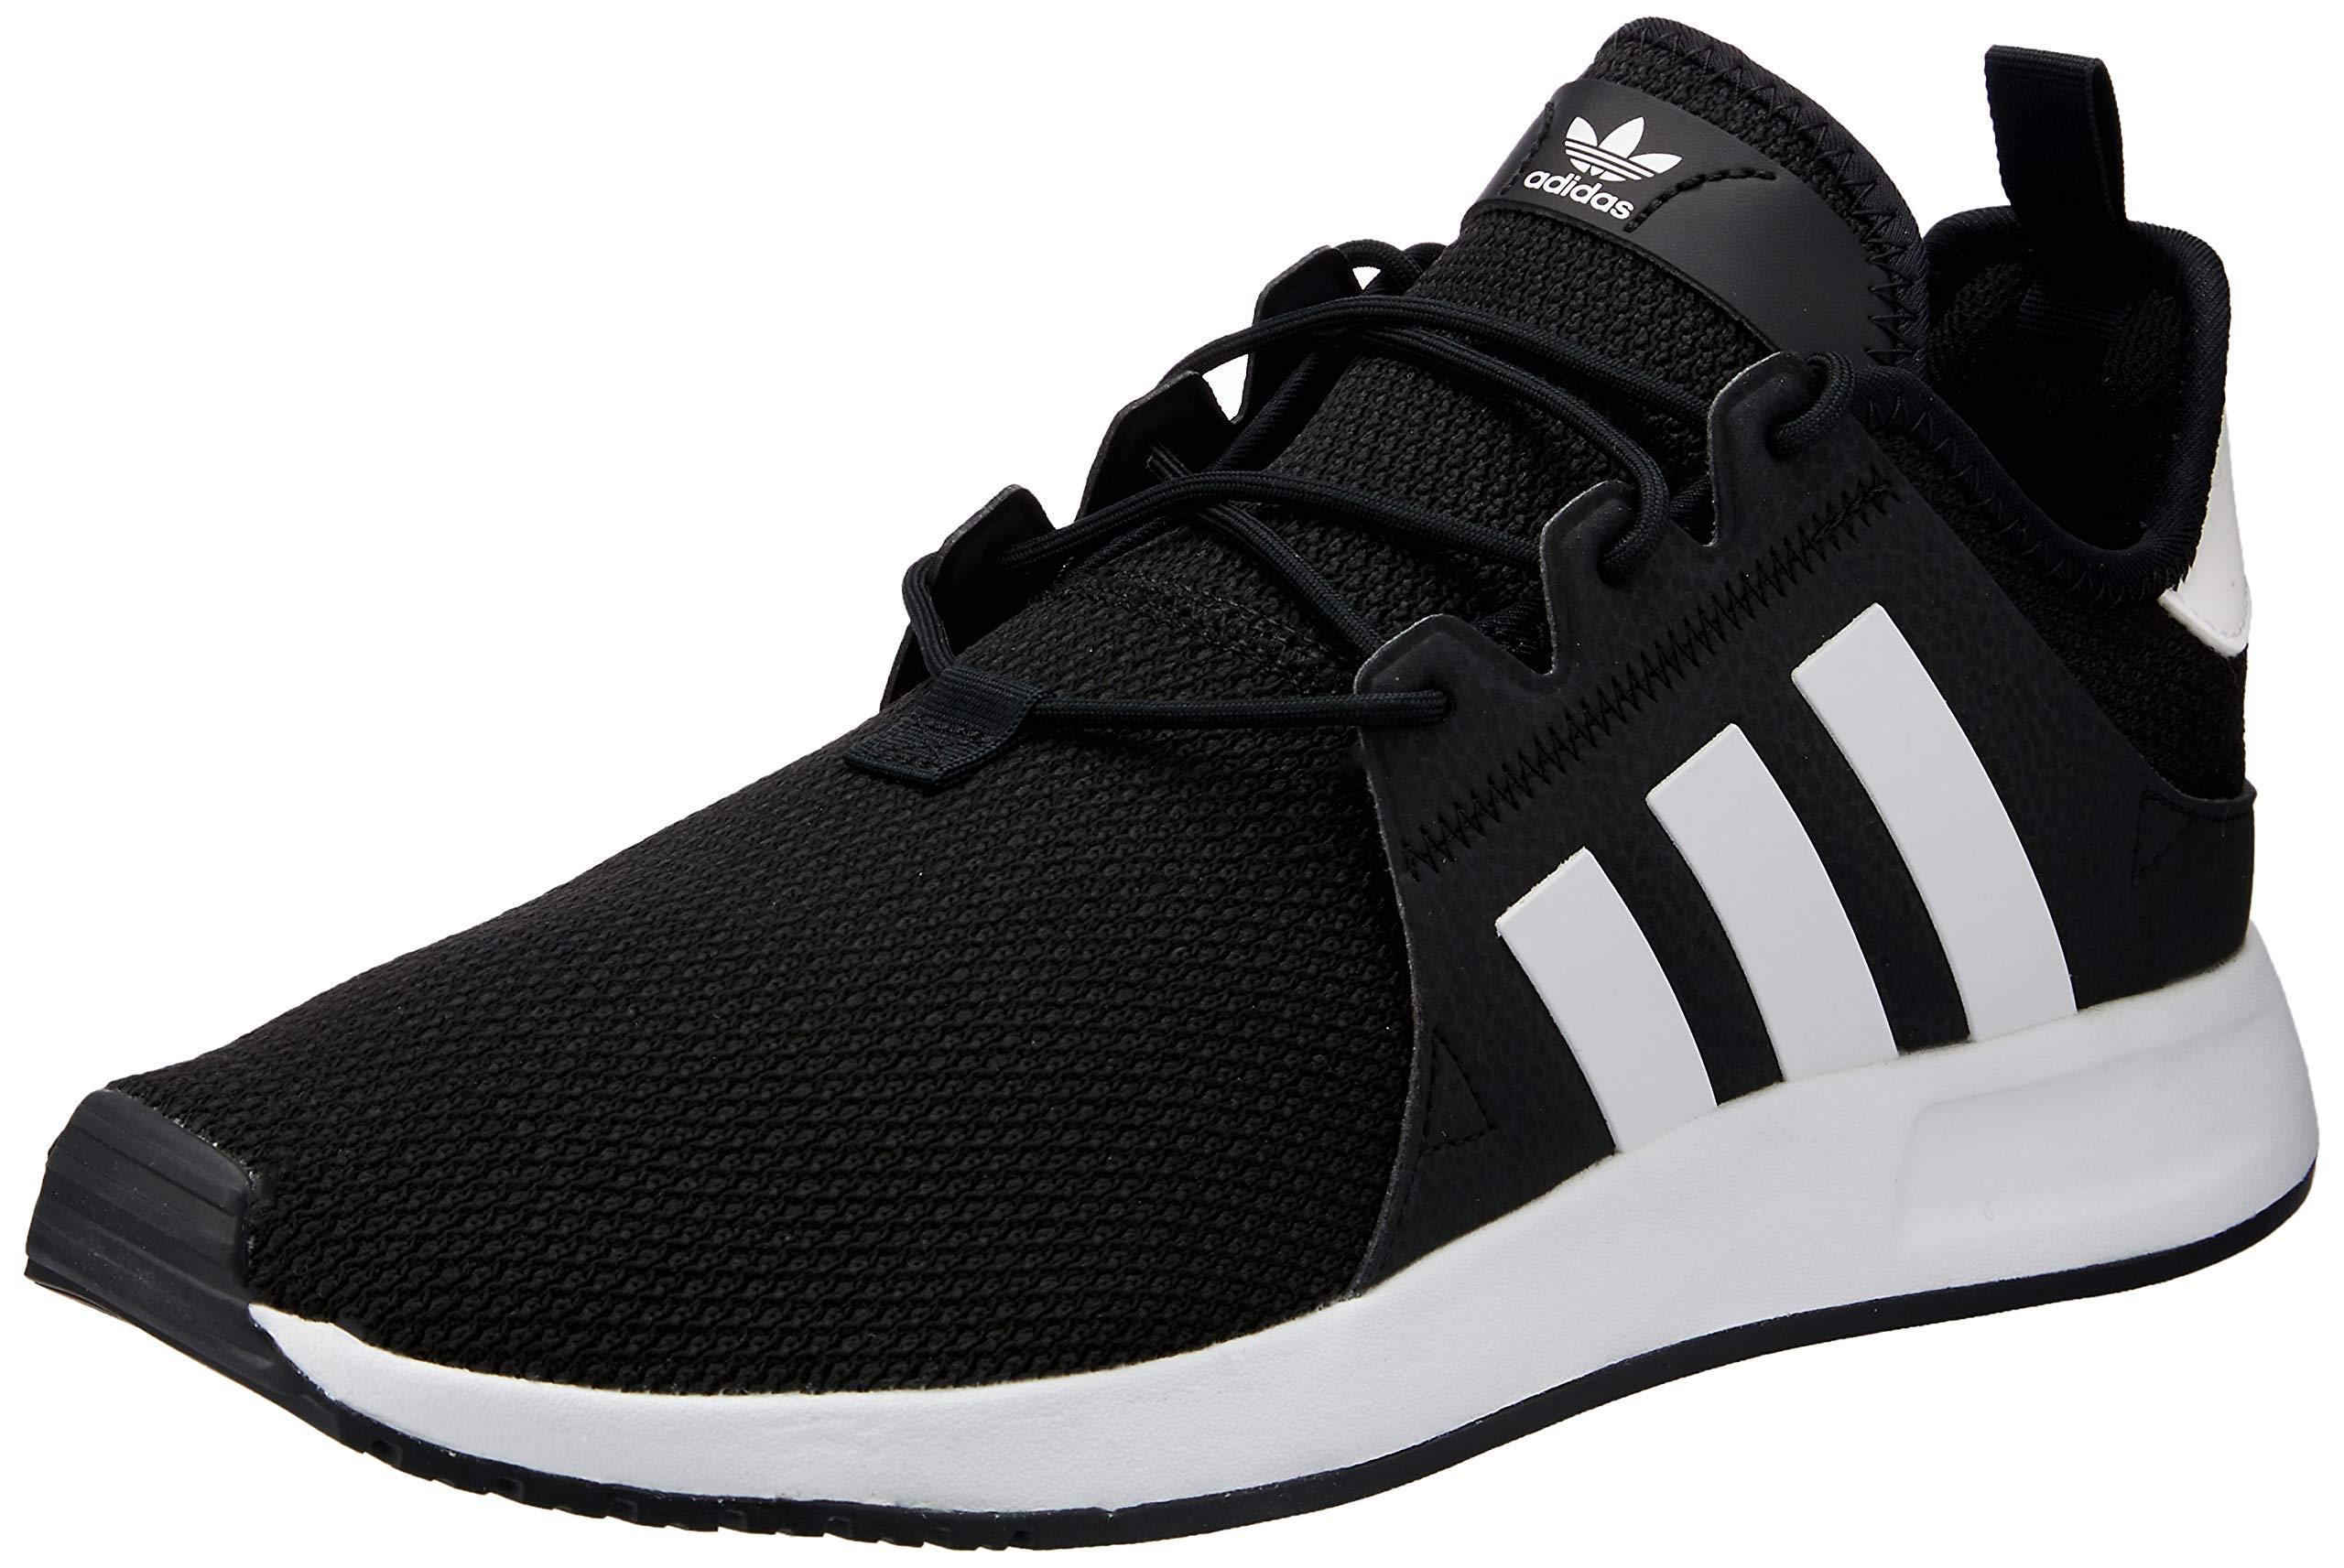 Adidas X_PLR, Scarpe da Fitness Uomo 4 spesavip